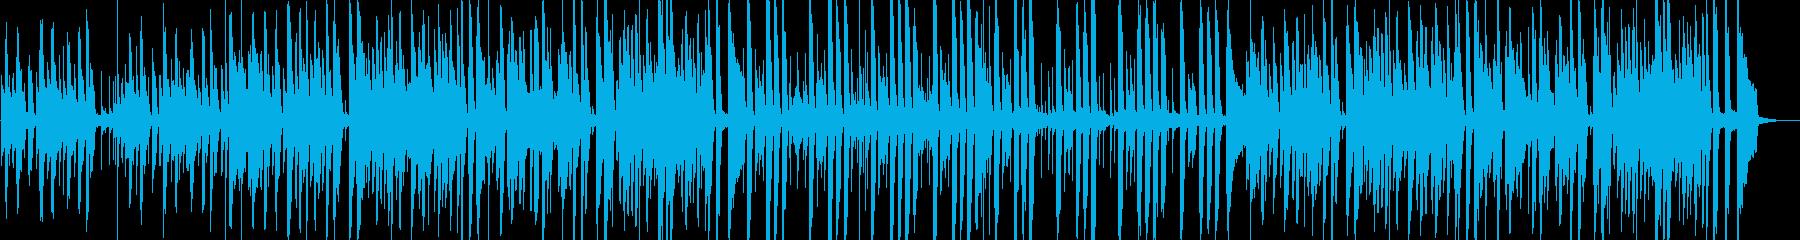 オシャレで複雑なピアノポストロックの再生済みの波形